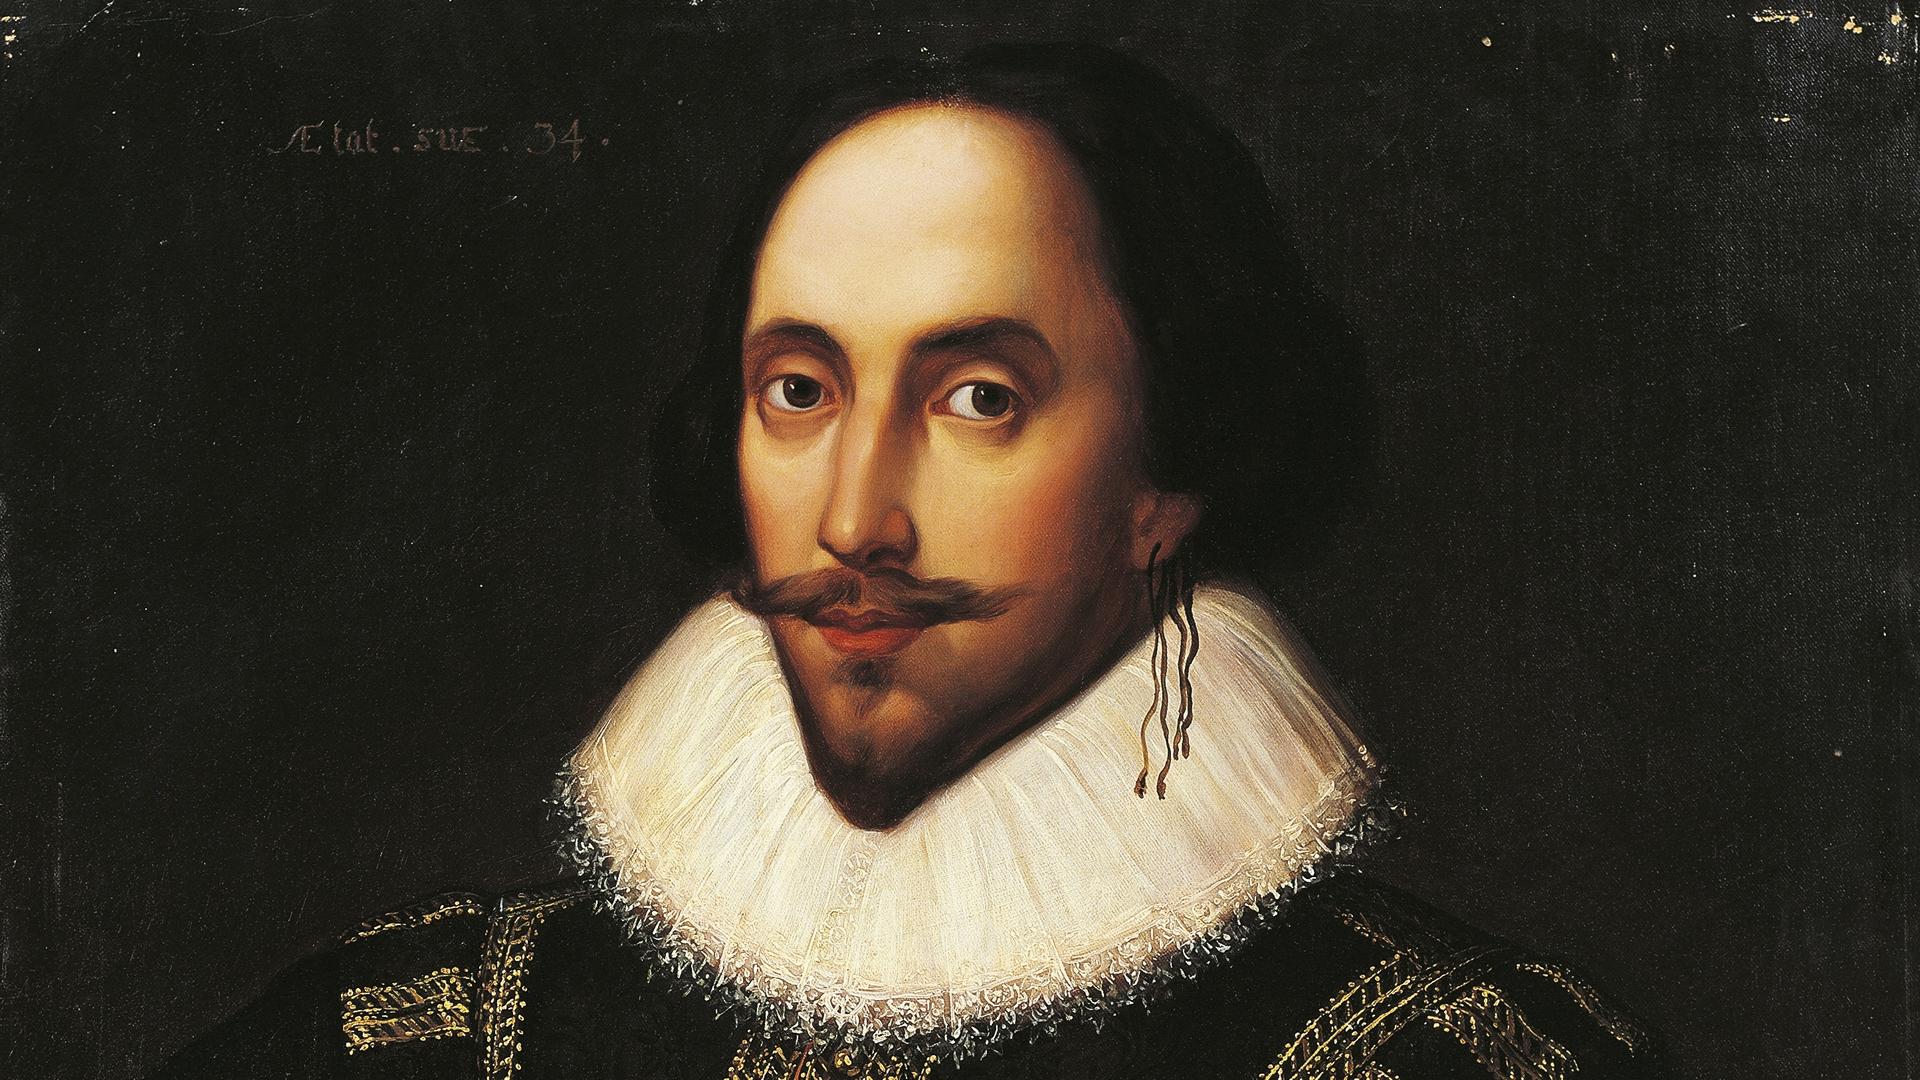 william shakespeare biography essay william shakespeare born apr  william shakespeare born apr com cc settings